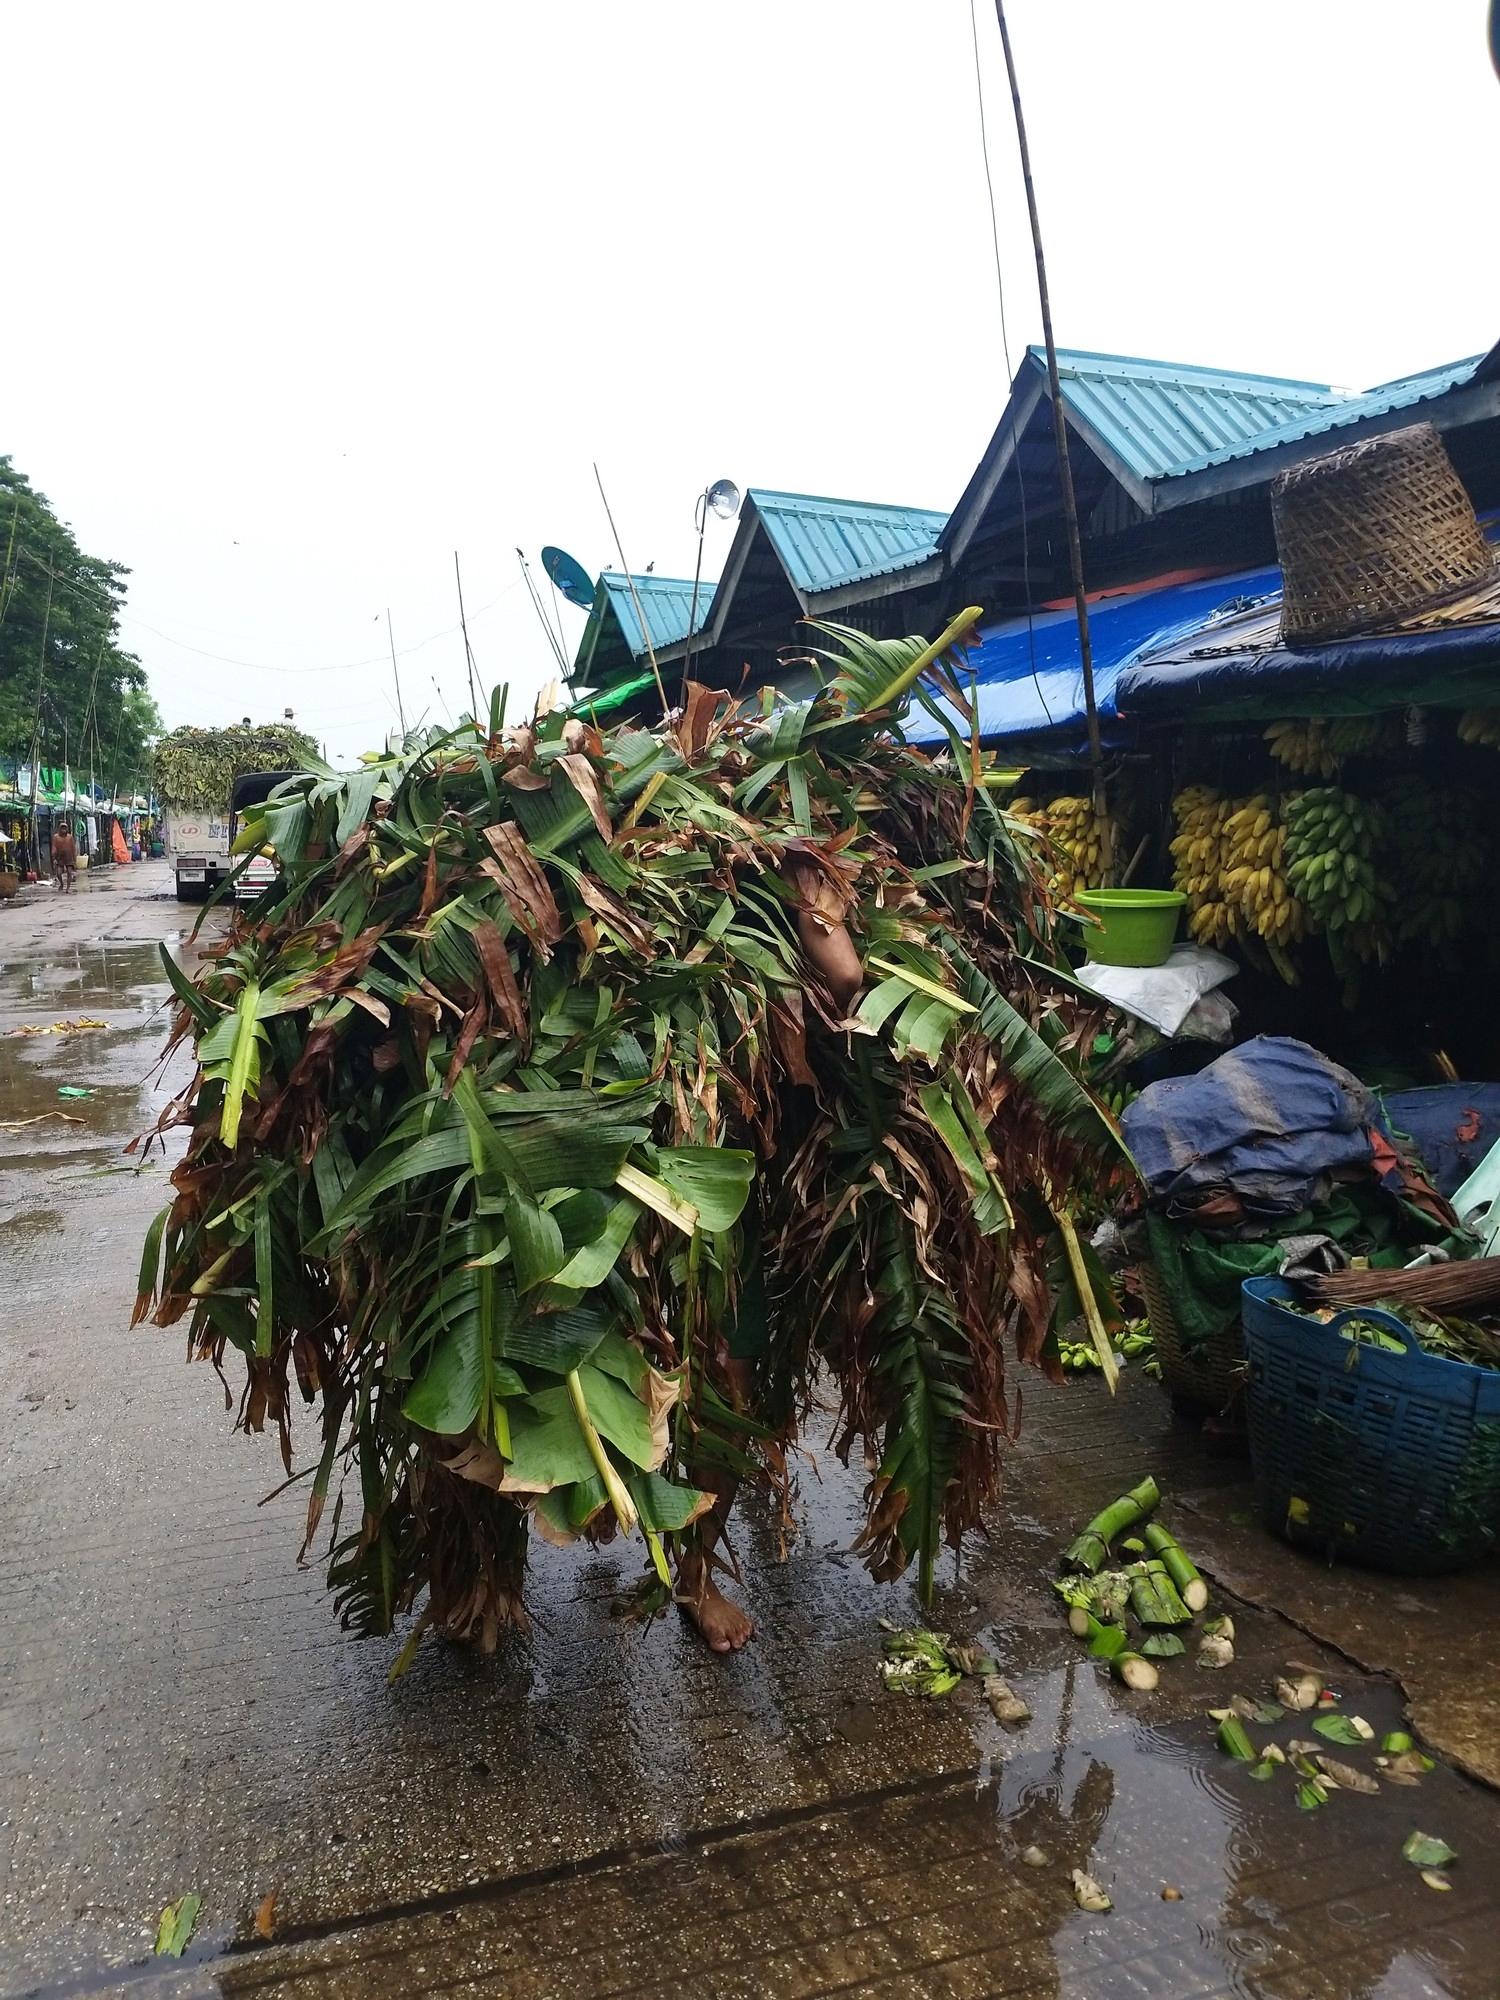 Tidying up at the banana market